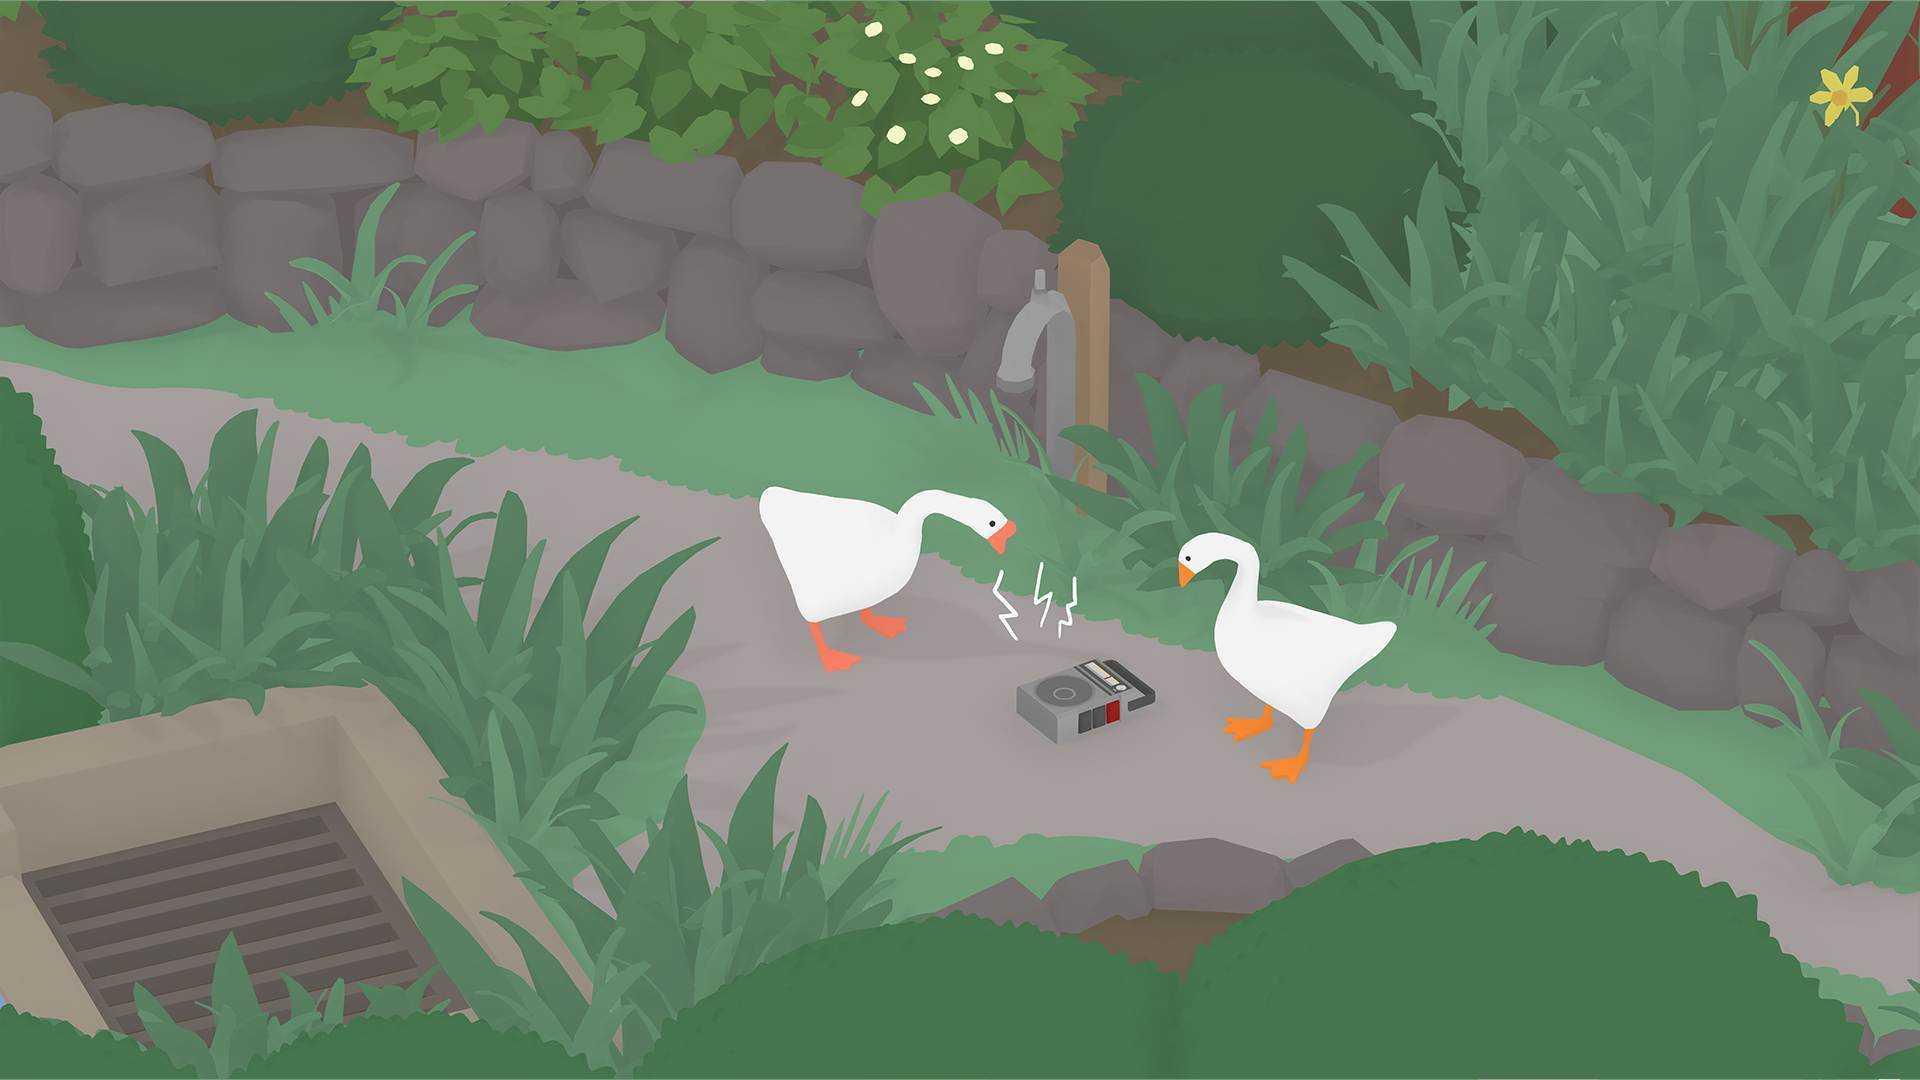 Indie World - Untitled Goose Game tendrá un modo de 2 jugadores ...